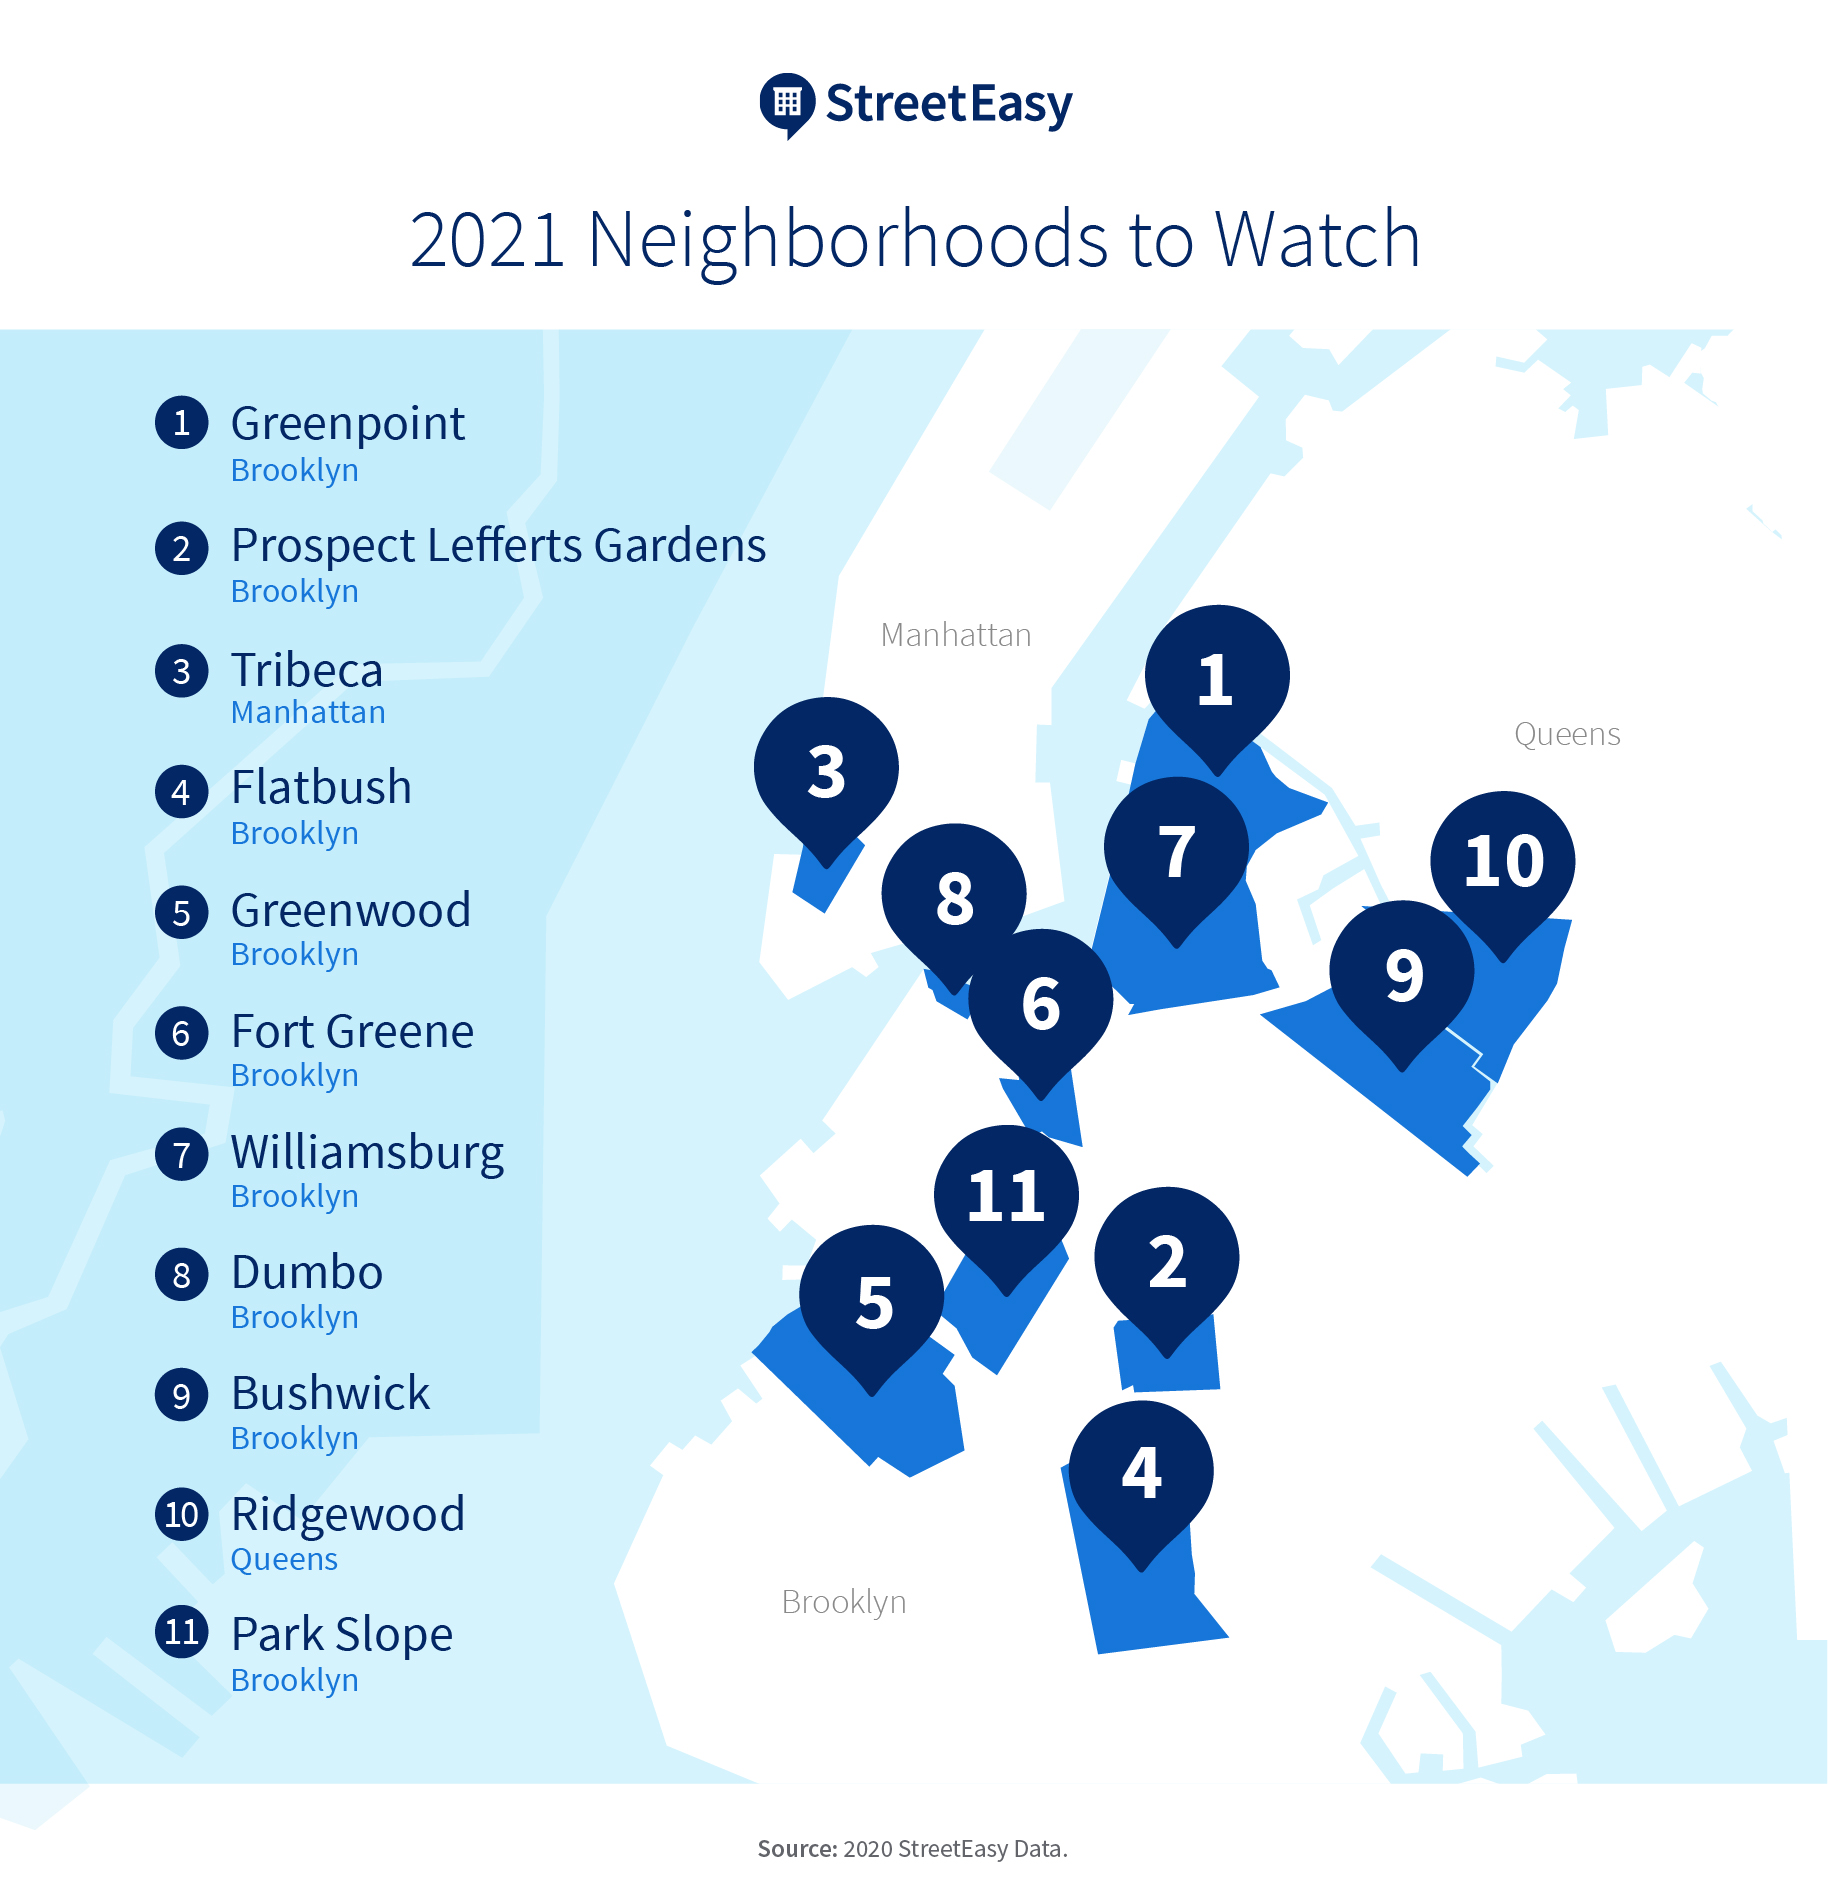 mapo de venontaj kvartaloj en New York por 2021